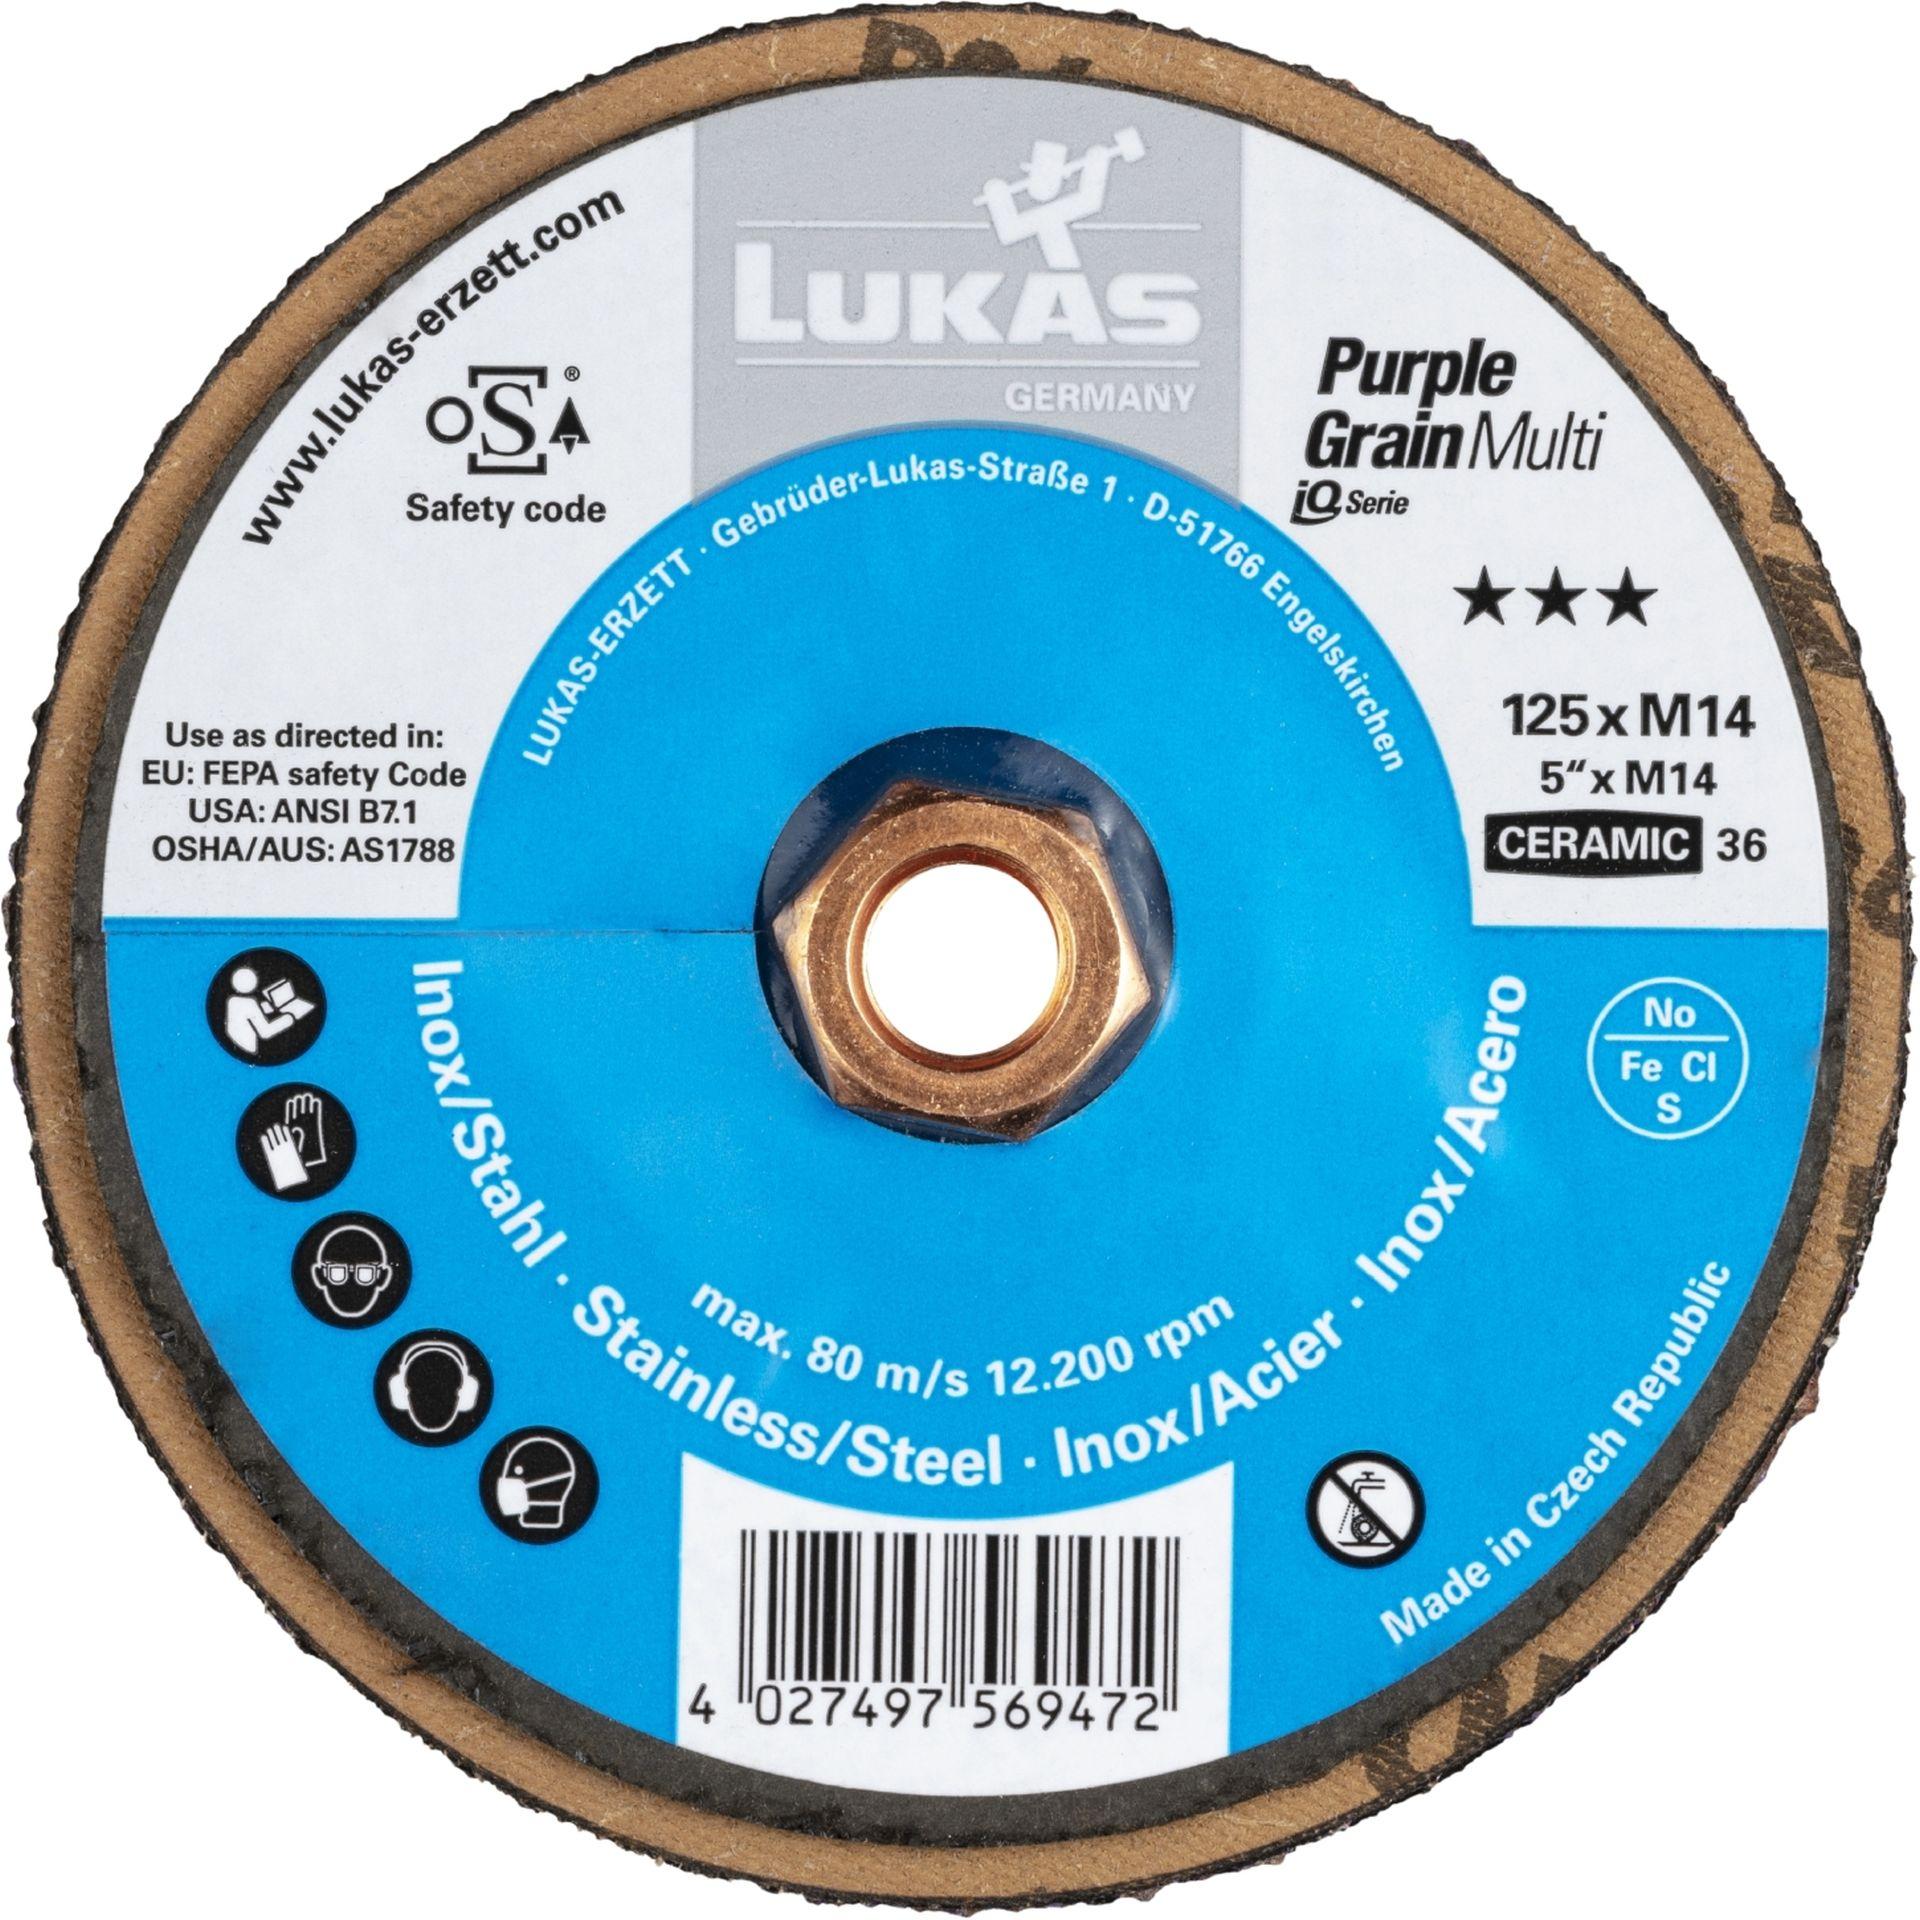 10x LUKAS Kompaktschleifteller PURPLE GRAIN Multi universal Ø 125 mm Korn 36